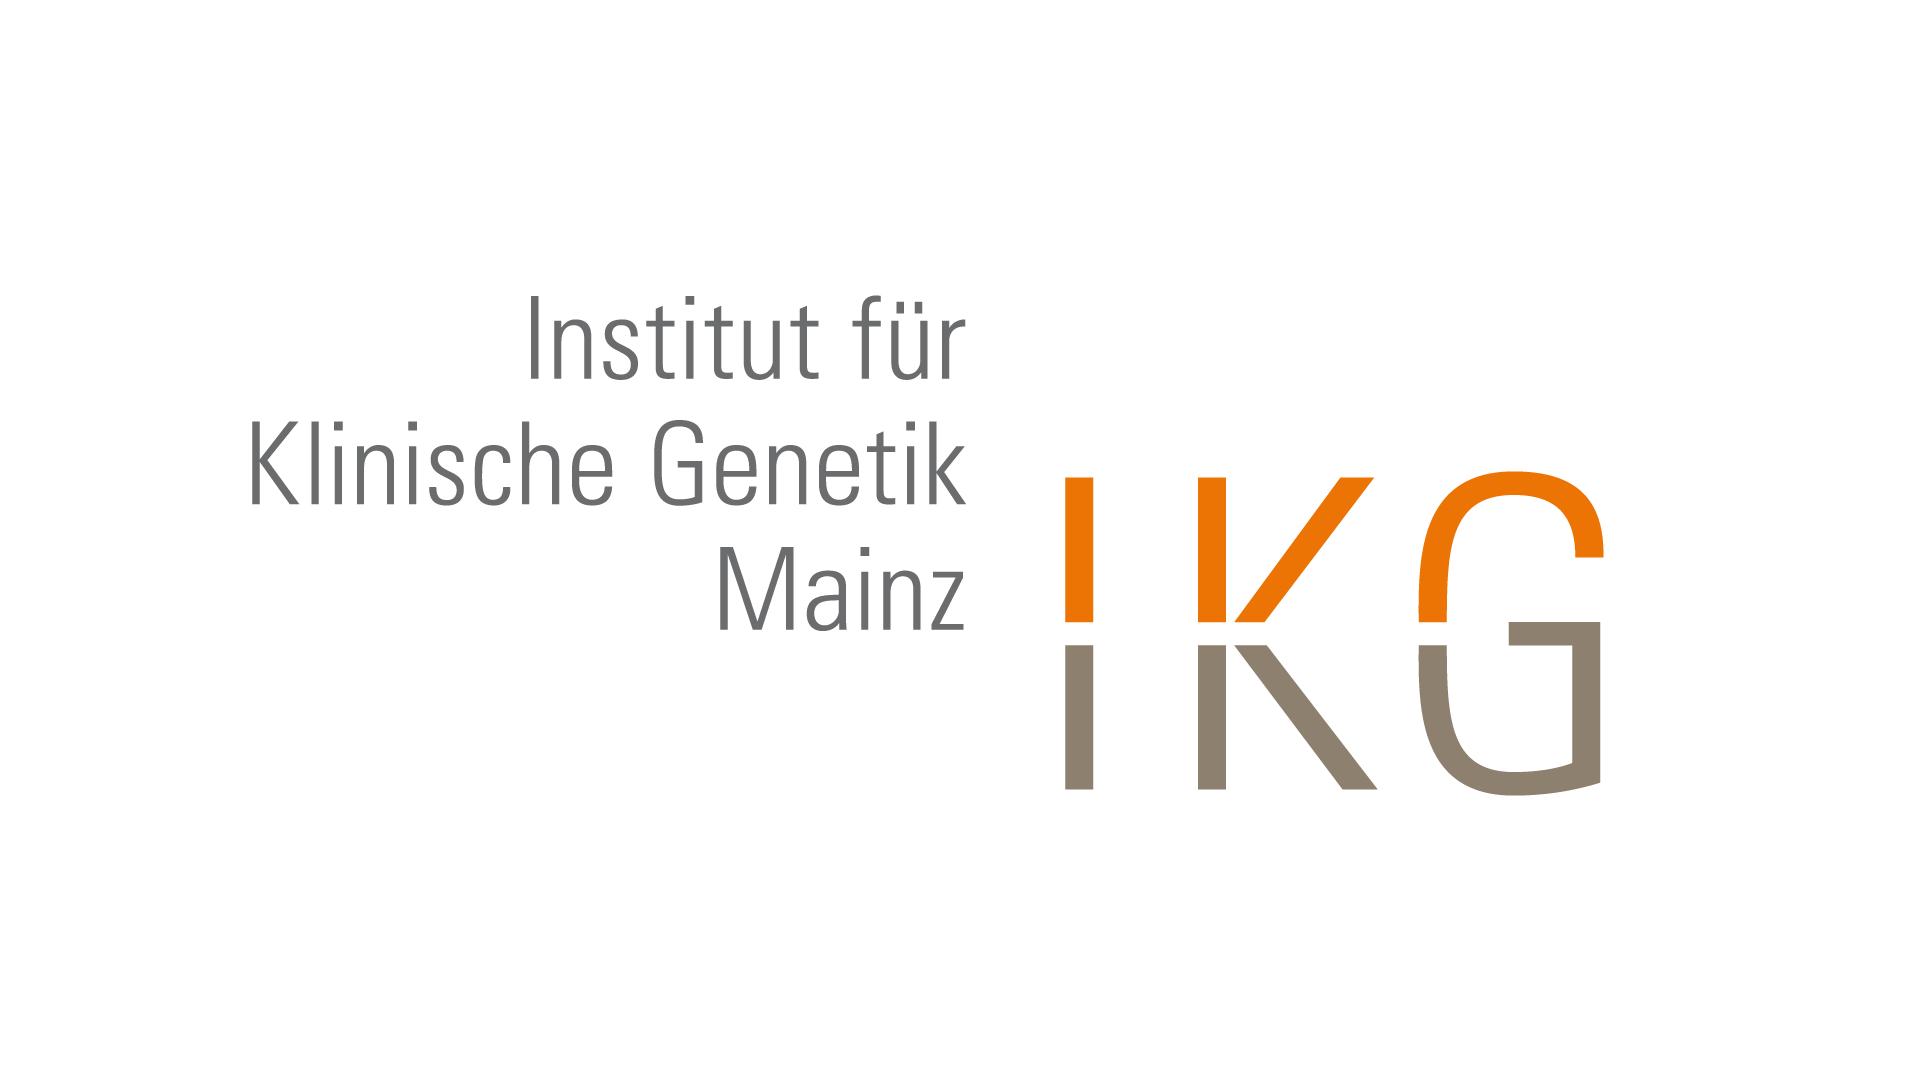 Institut für Klinische Genetik Mainz, Logo, Geschäftspapiere, Web